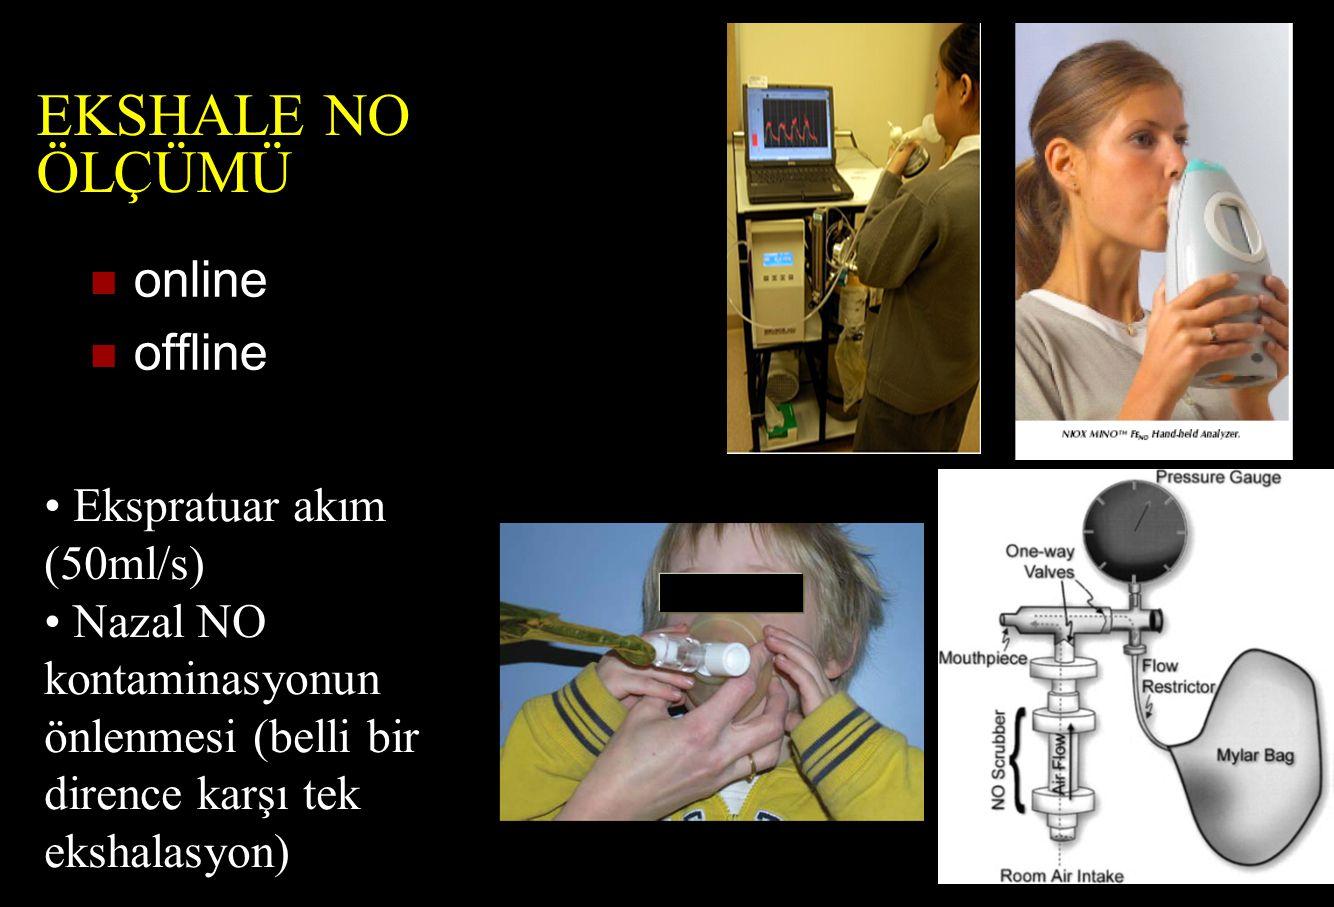 EKSHALE NO ÖLÇÜMÜ online offline Ekspratuar akım (50ml/s) Nazal NO kontaminasyonun önlenmesi (belli bir dirence karşı tek ekshalasyon)